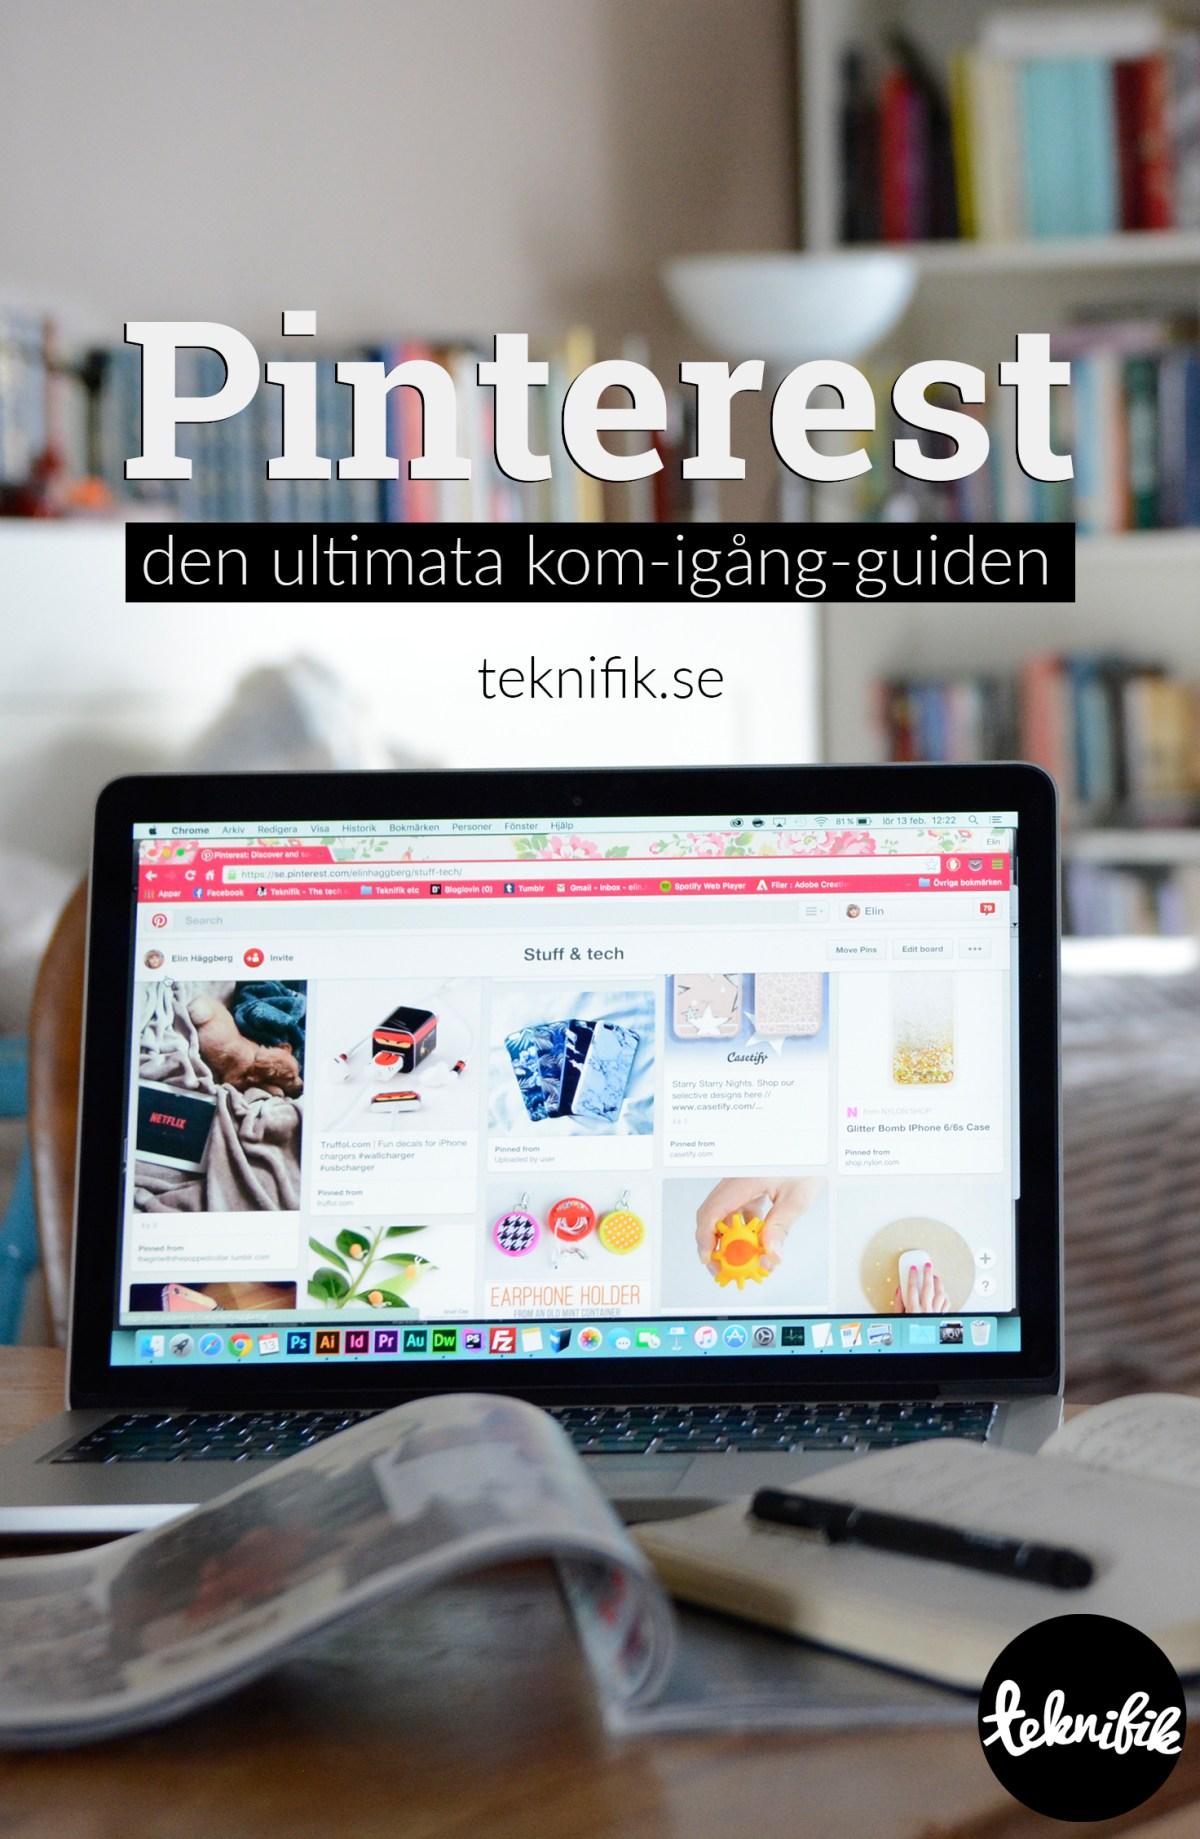 Kom igång med Pinterest snabbt och enkelt med hjälp av denna guide.